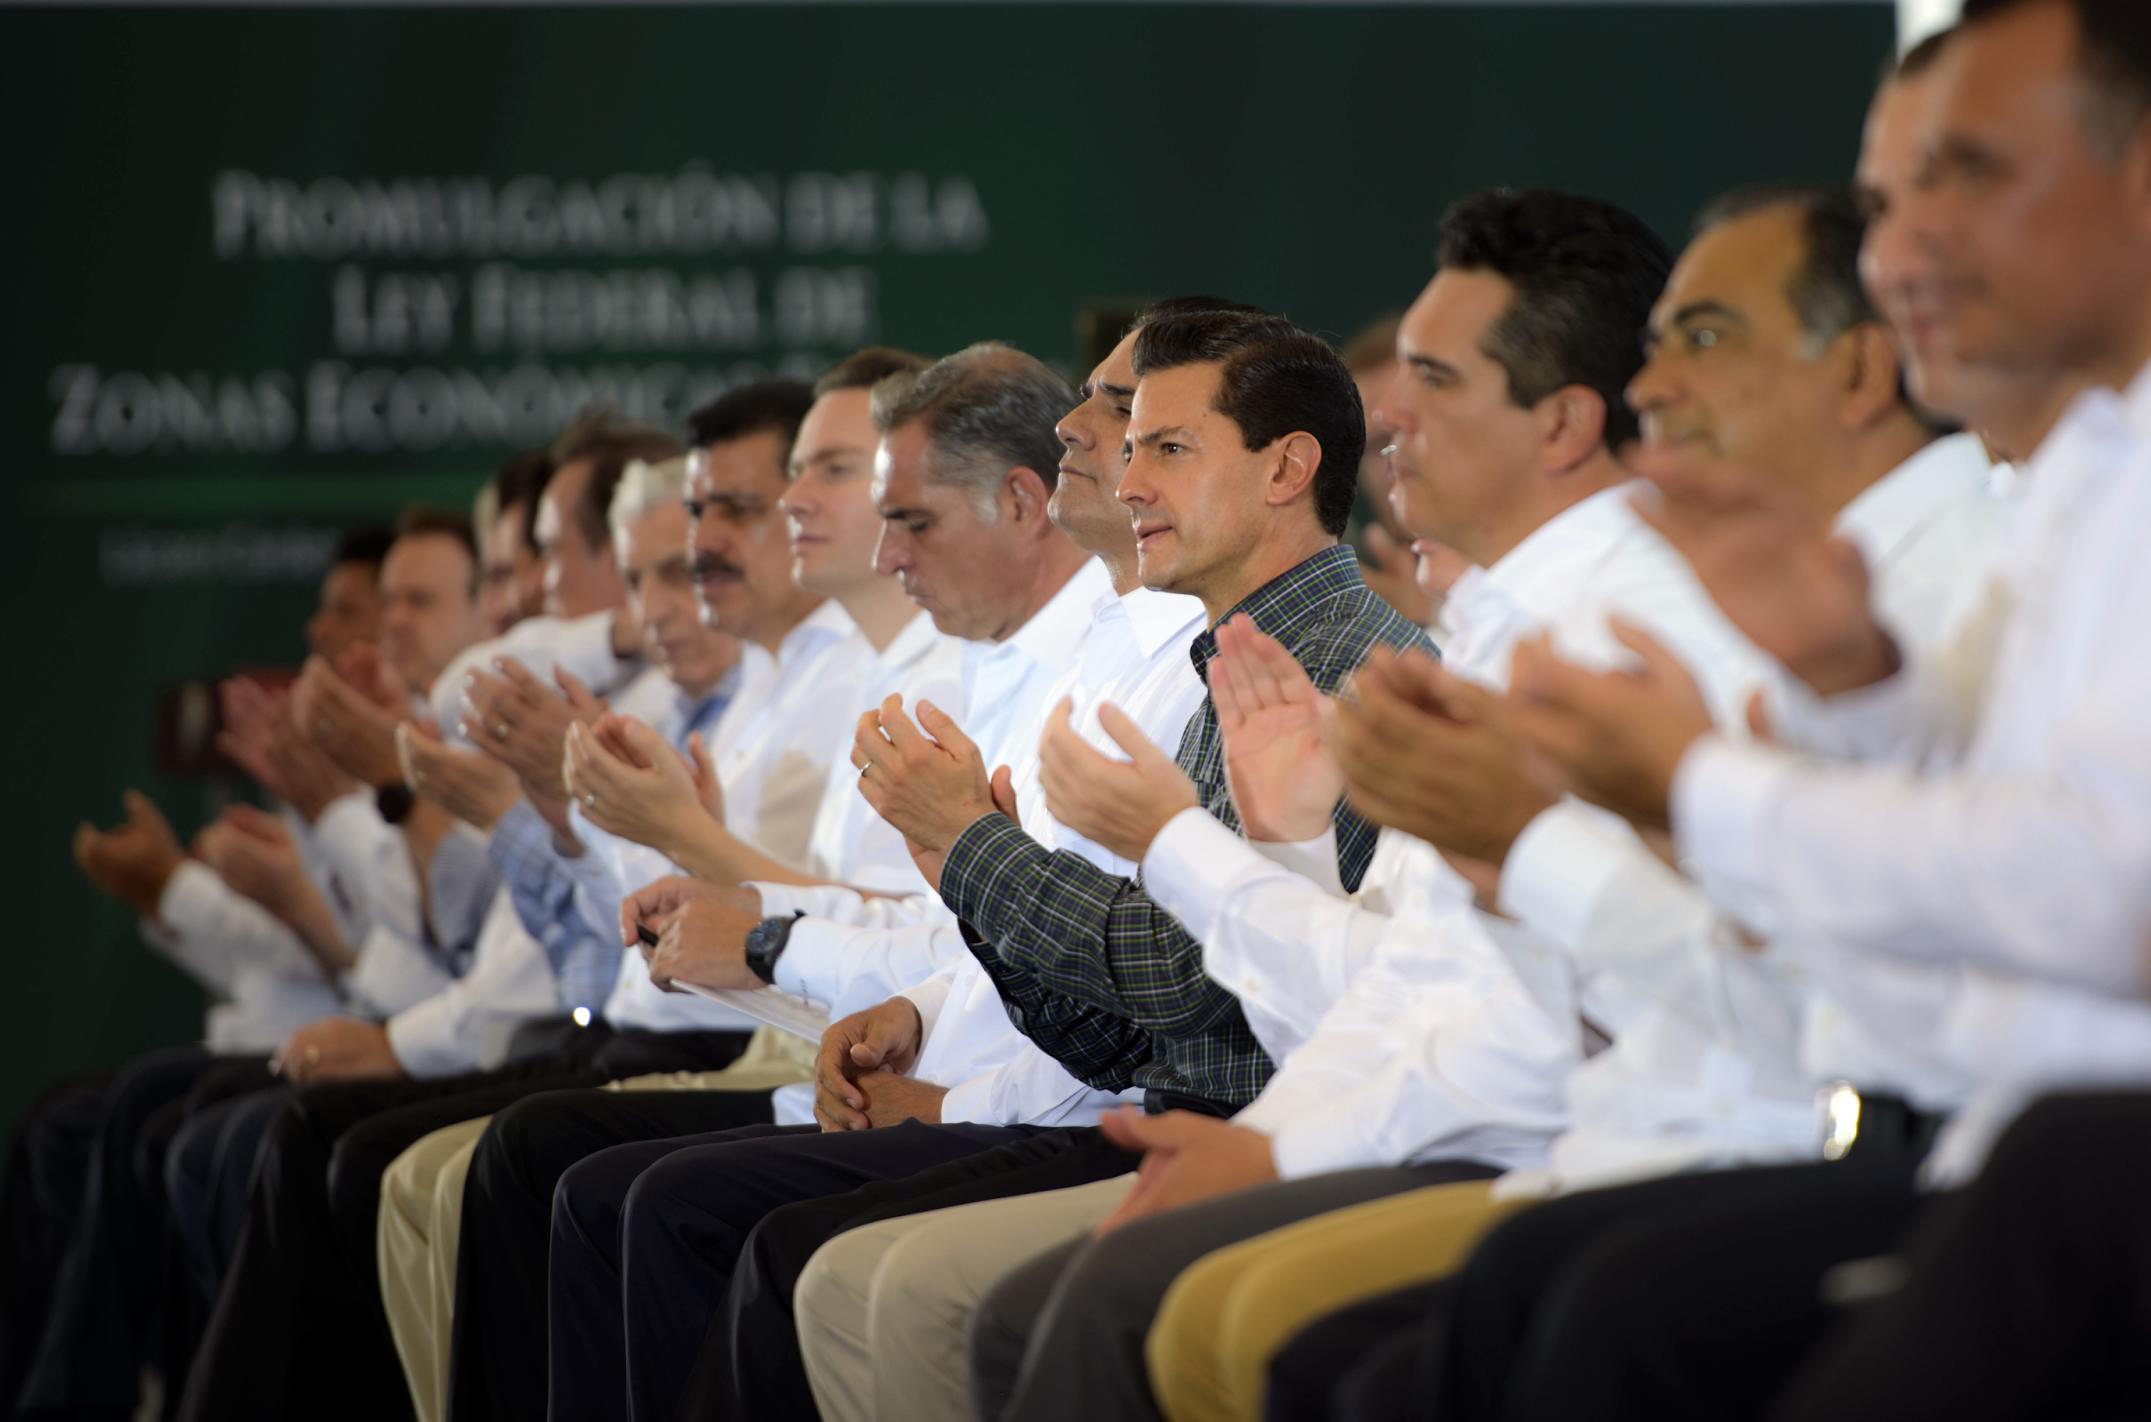 El Primer Mandatario aplaude, junto con los asistentes, en el evento de Promulgación de la Ley Federal de Zonas Económicas.